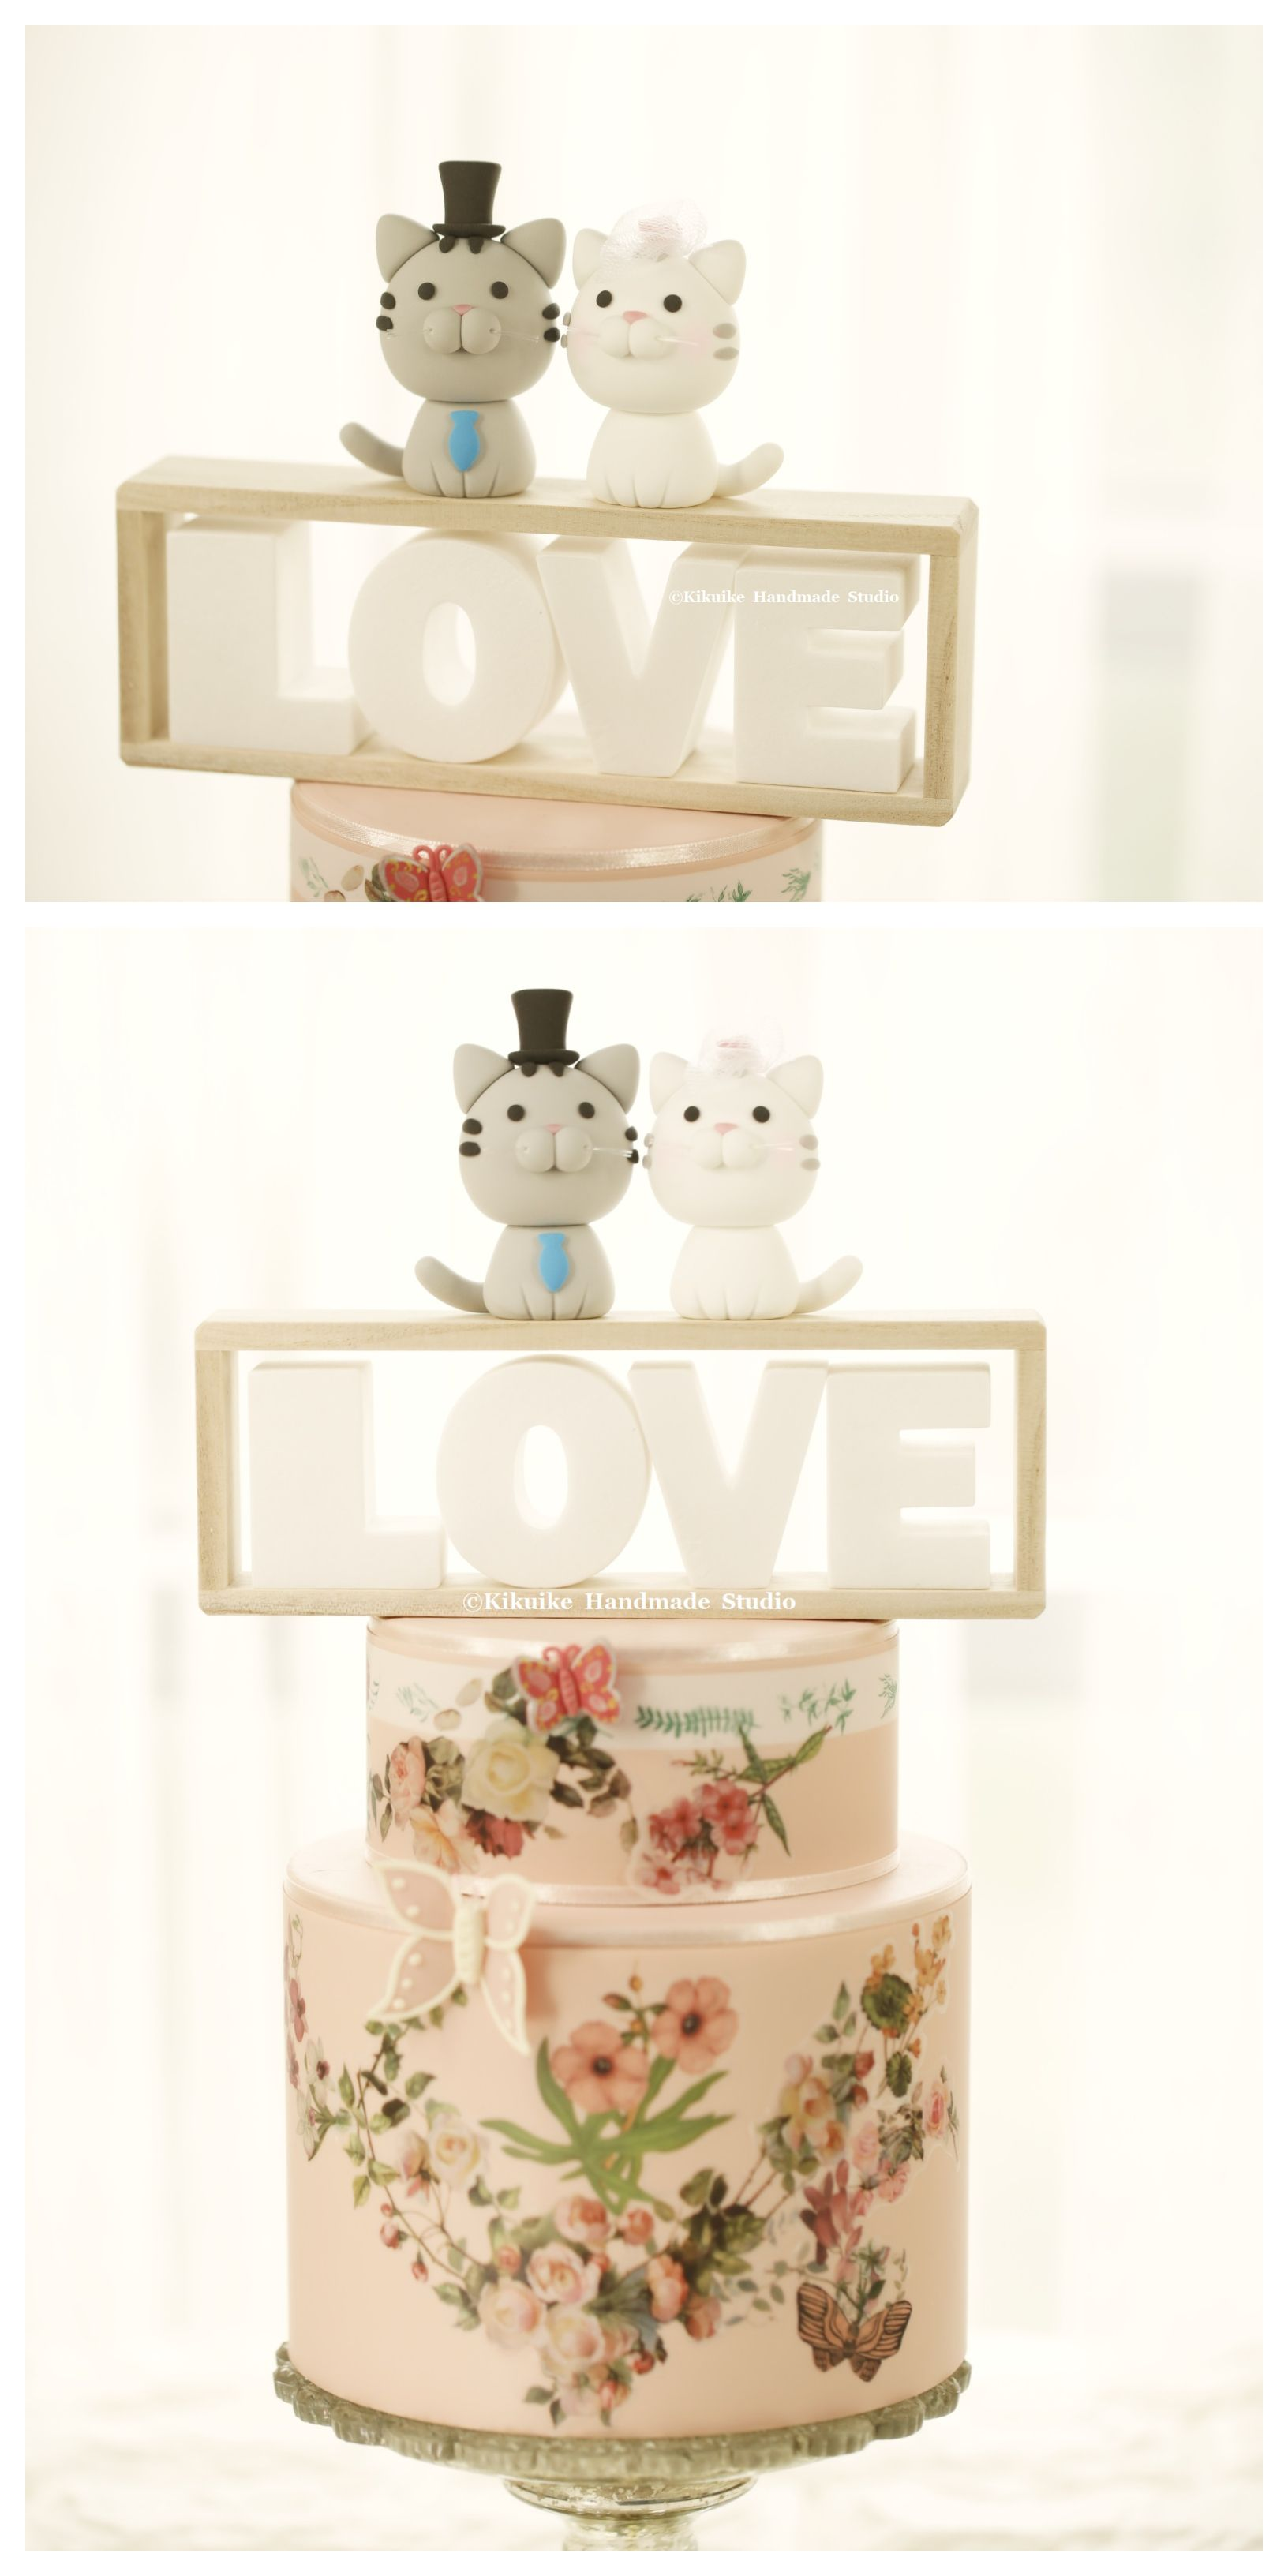 cat wedding cake topper, kitty Wedding Cake Topper for